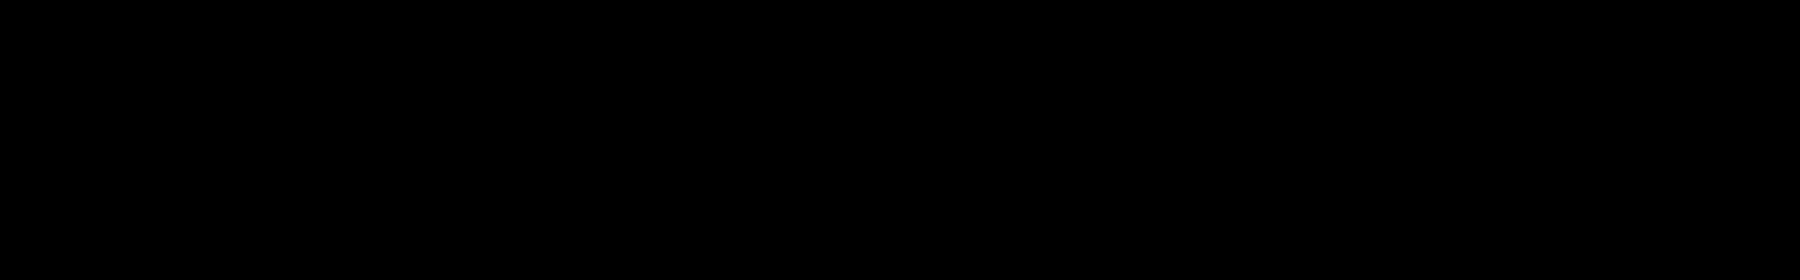 HYPERPOP Trap audio waveform